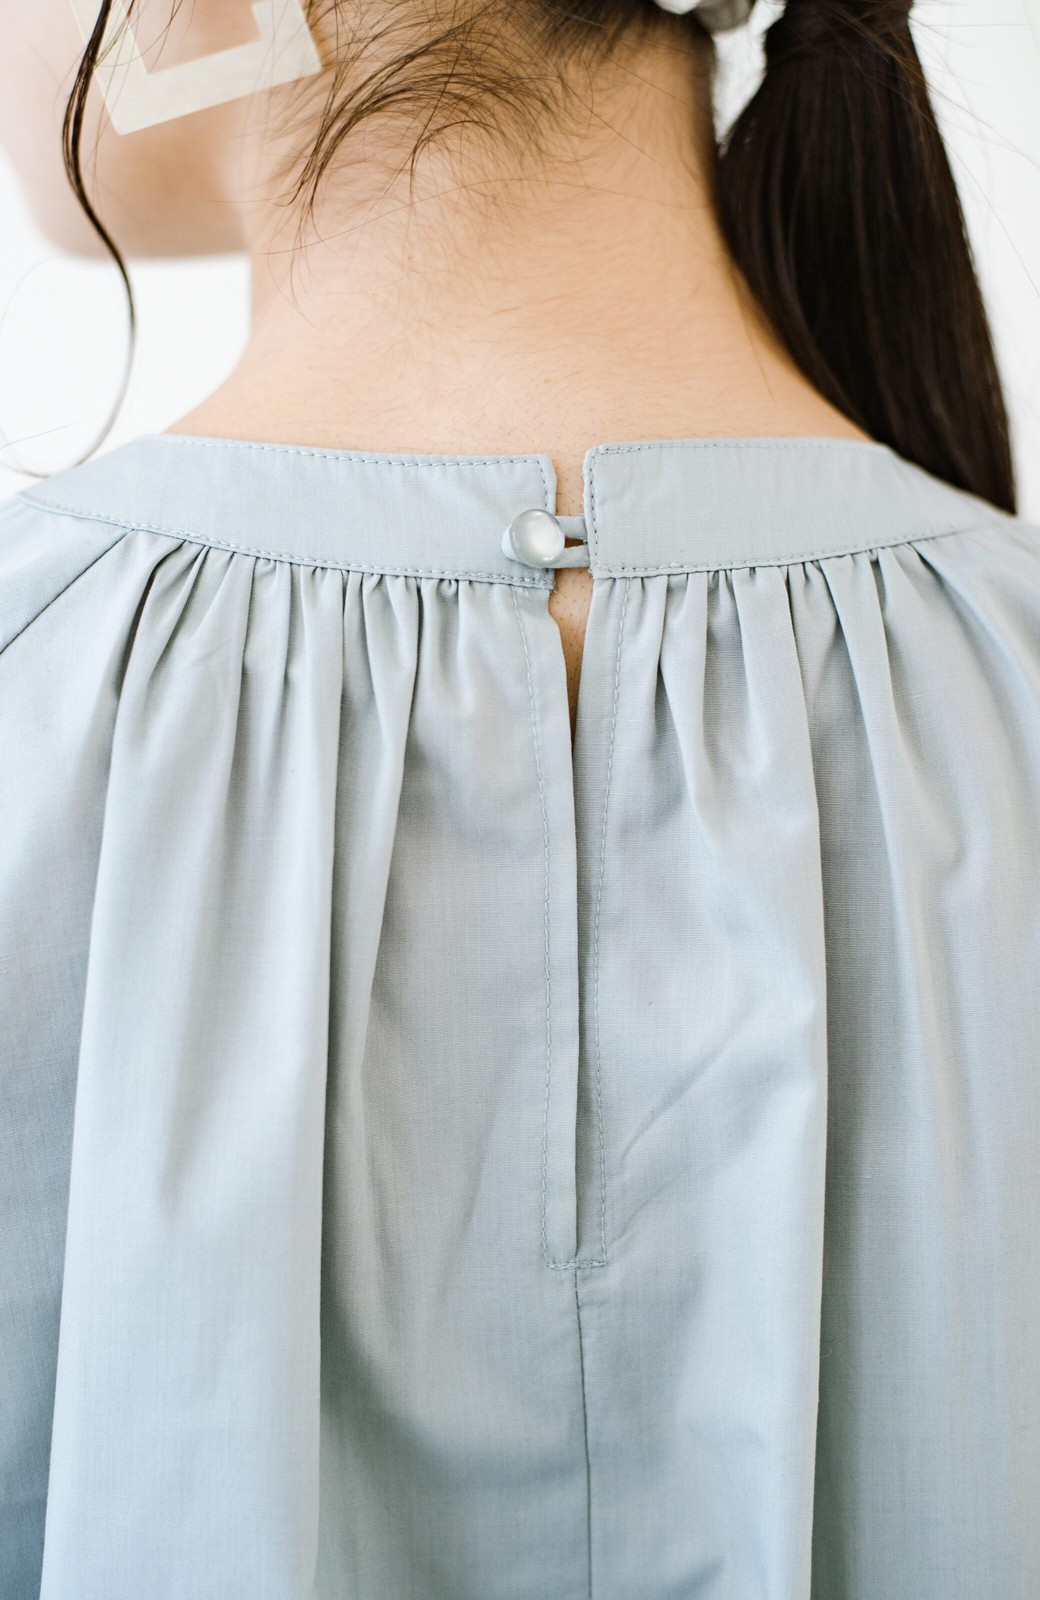 haco! パッと着るだけで新鮮&おしゃれ見え!ゆるめサイズが今っぽいチャイナボタンブラウス <ミント>の商品写真10